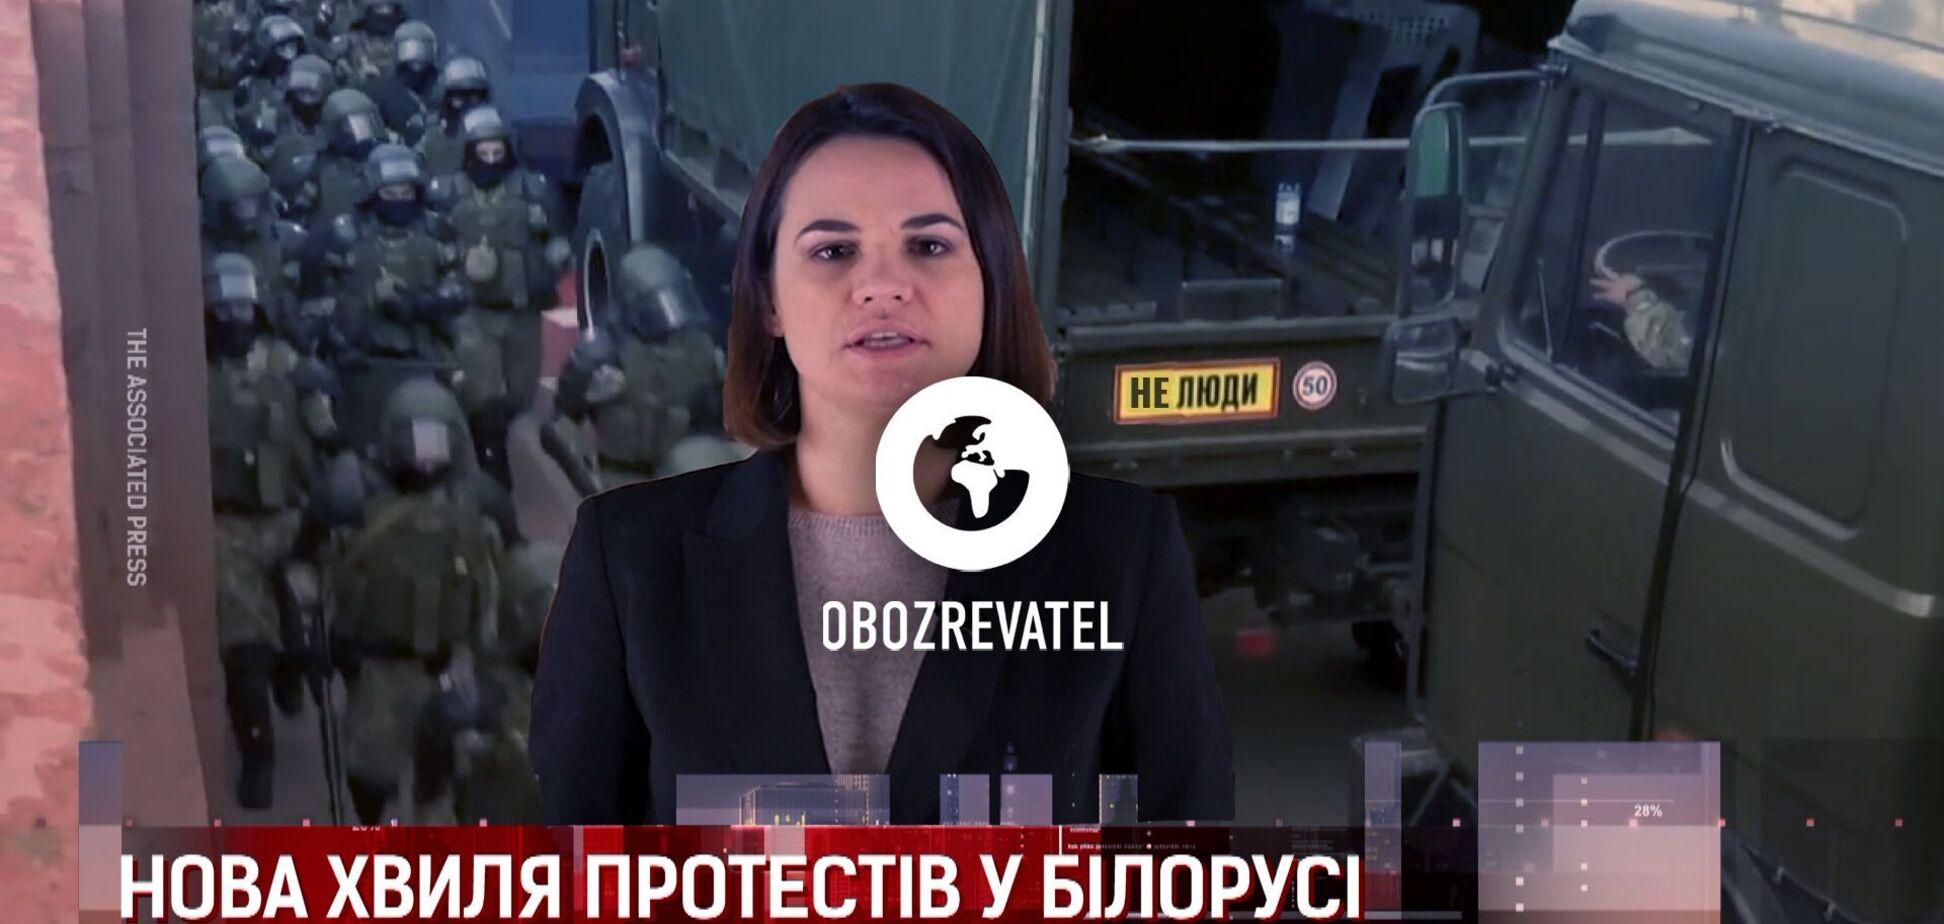 Нова хвиля протестів у Білорусі, Азербайджан заявив про новий обстріл з боку Вірменії, стрілянина в Каліфорнії та руйнівний циклон в Індії - дайджест міжнародних подій